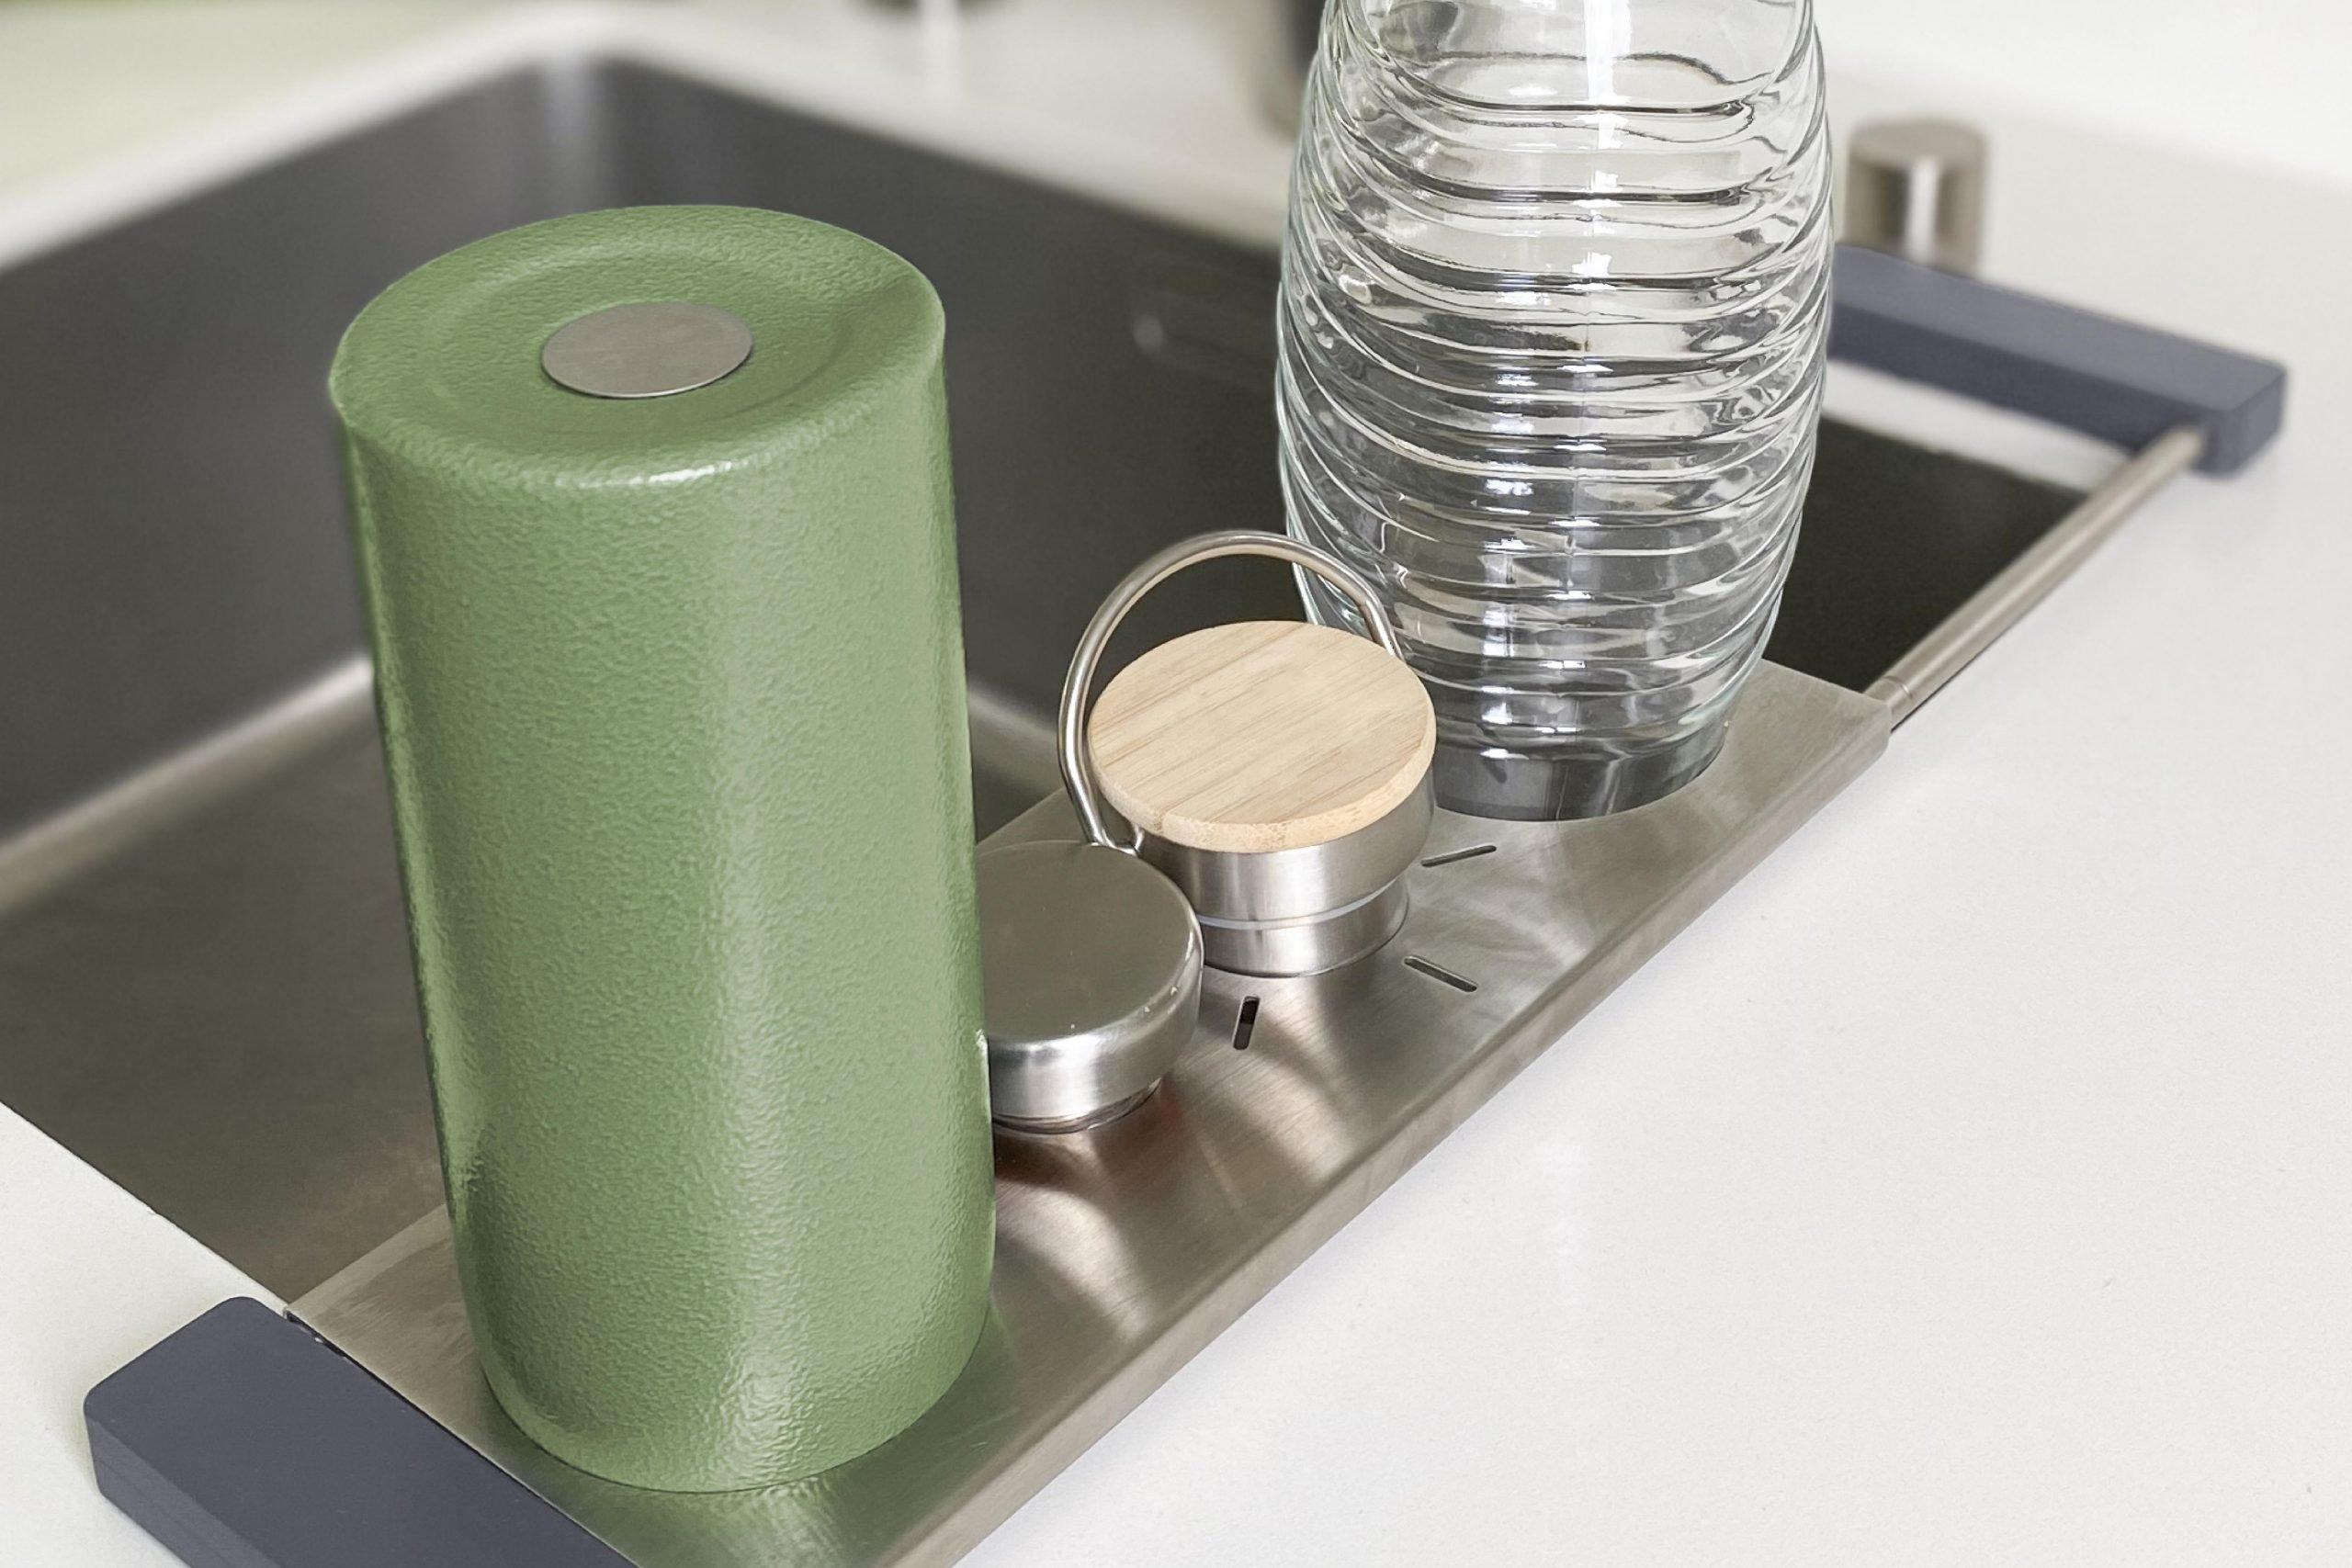 drip.it - der mutlifunktionale Flaschenabtropfhalter für Flaschen von SodaStream, Crystal, Emil und viele mehr